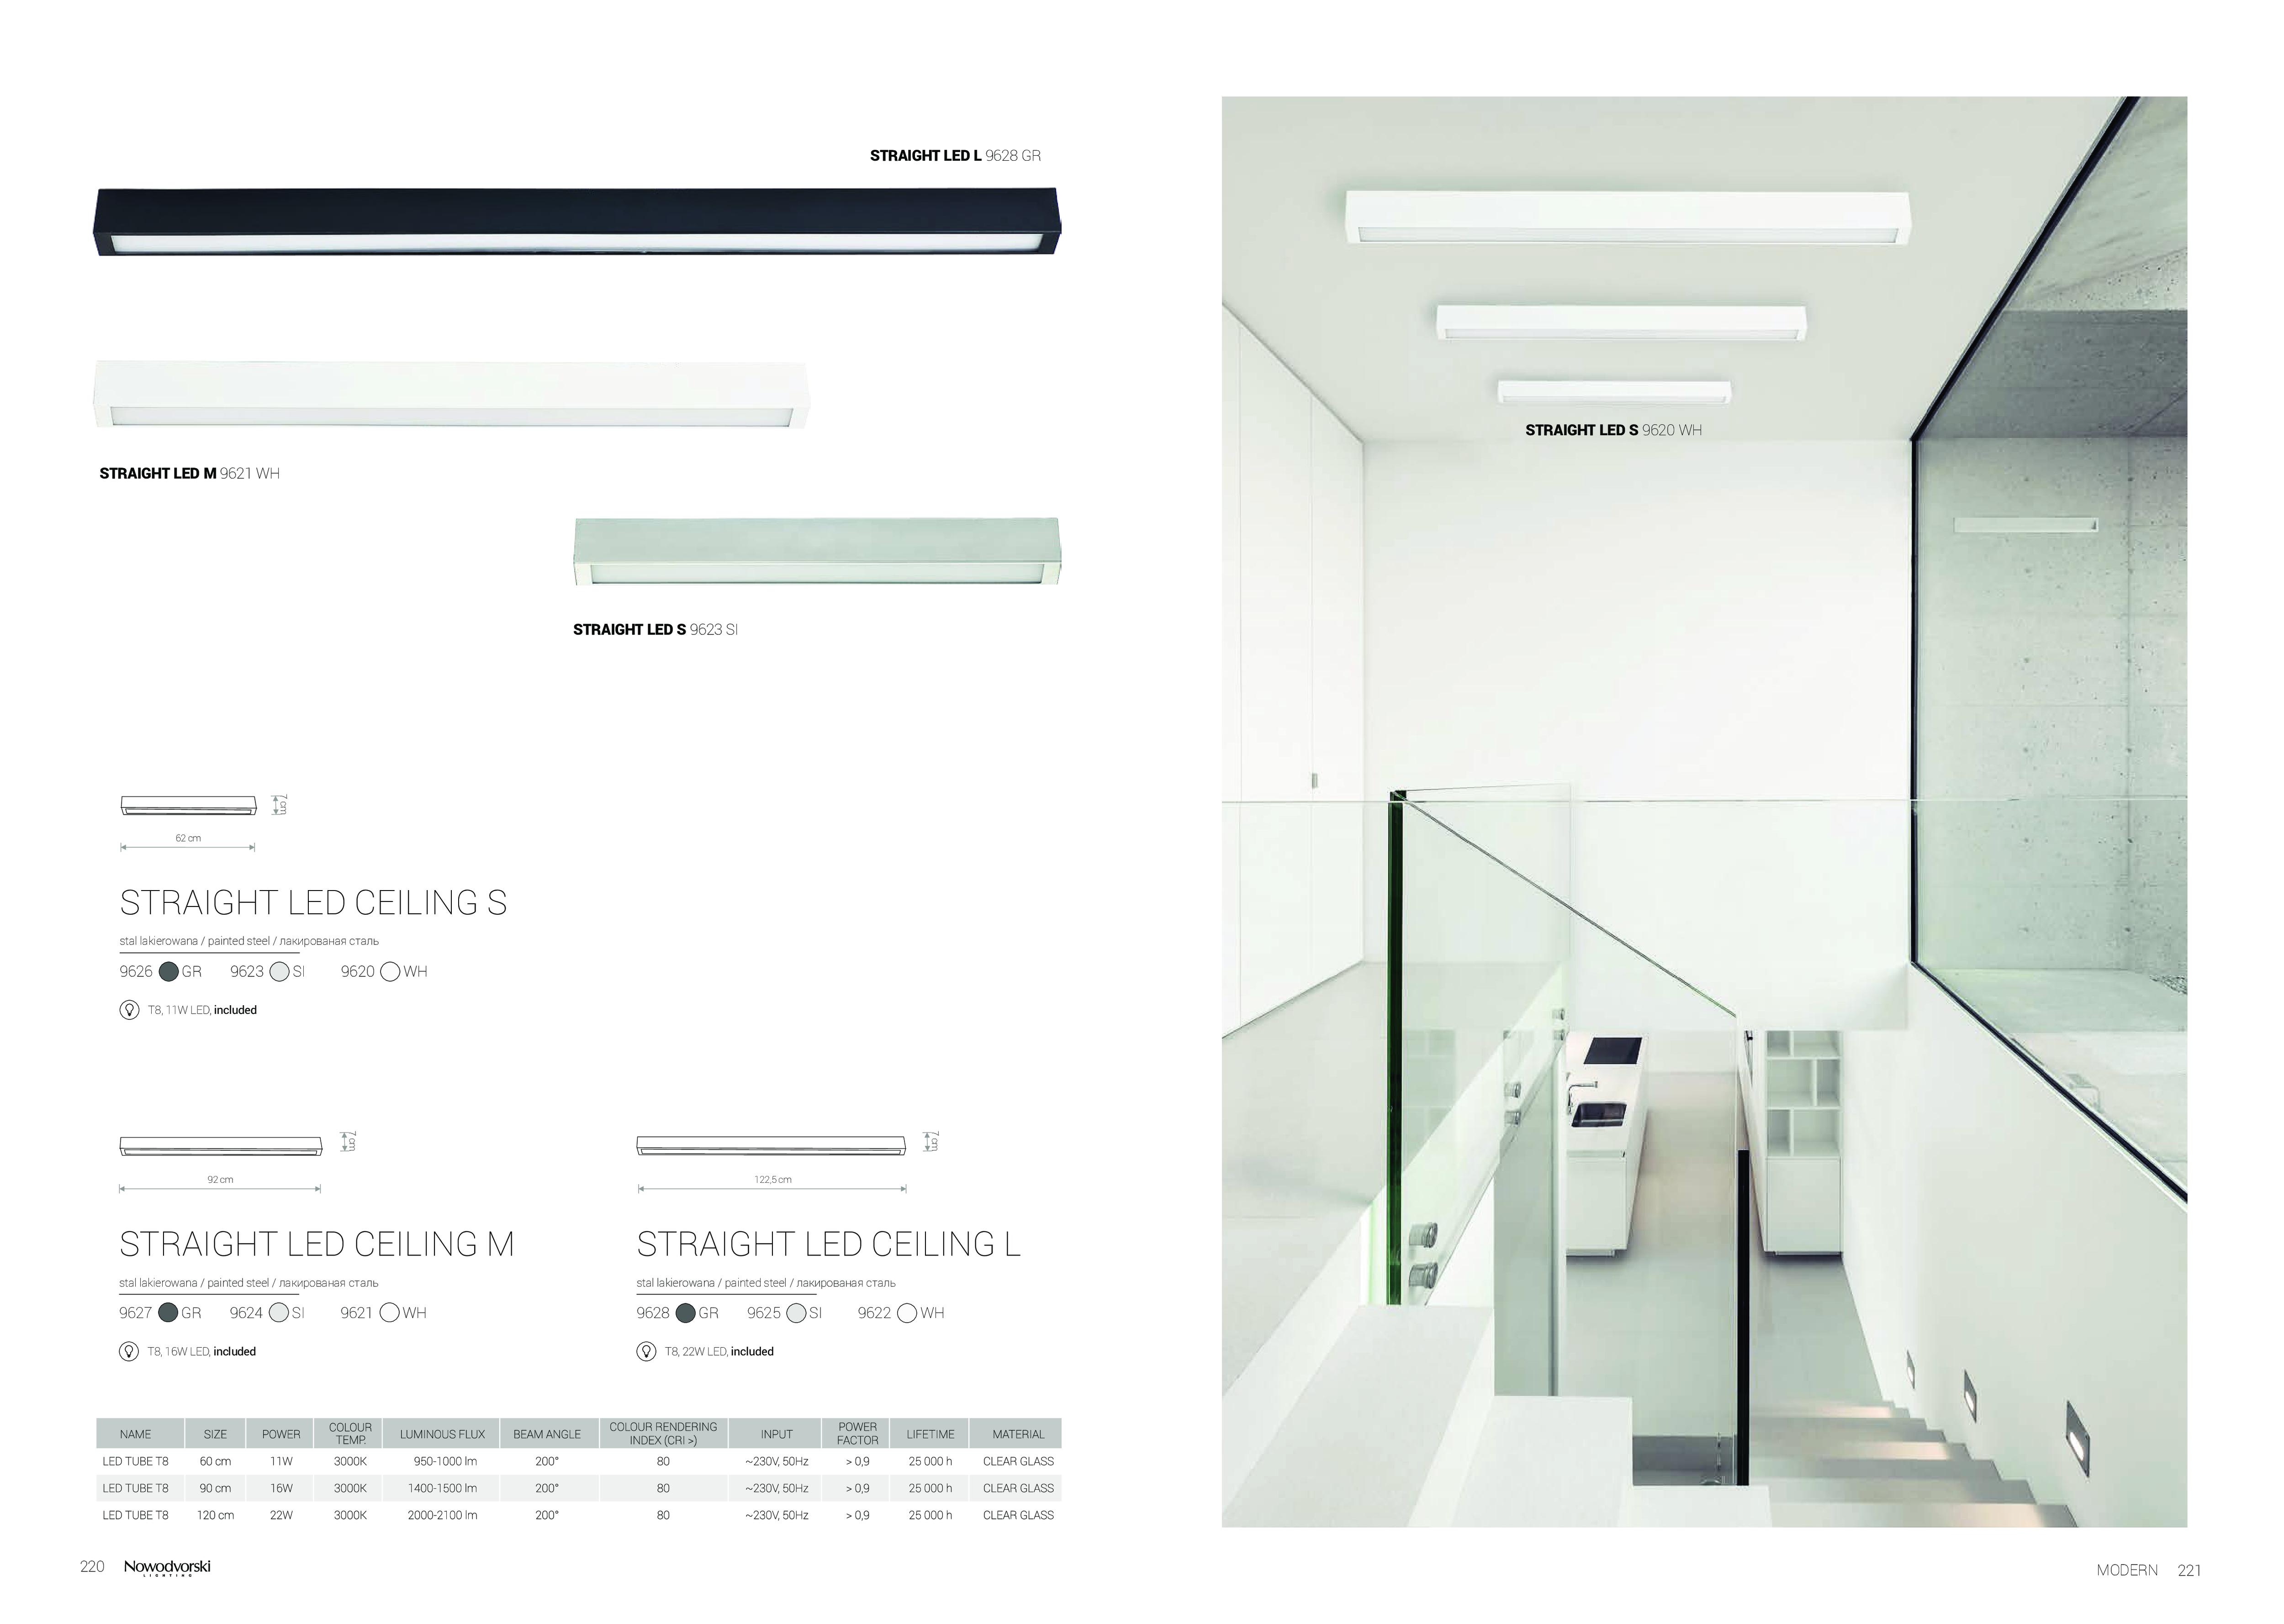 Потолочный светильник Nowodvorski Straight 9626, 1xG13T8x10W, серый, металл со стеклом, стекло - фото 2